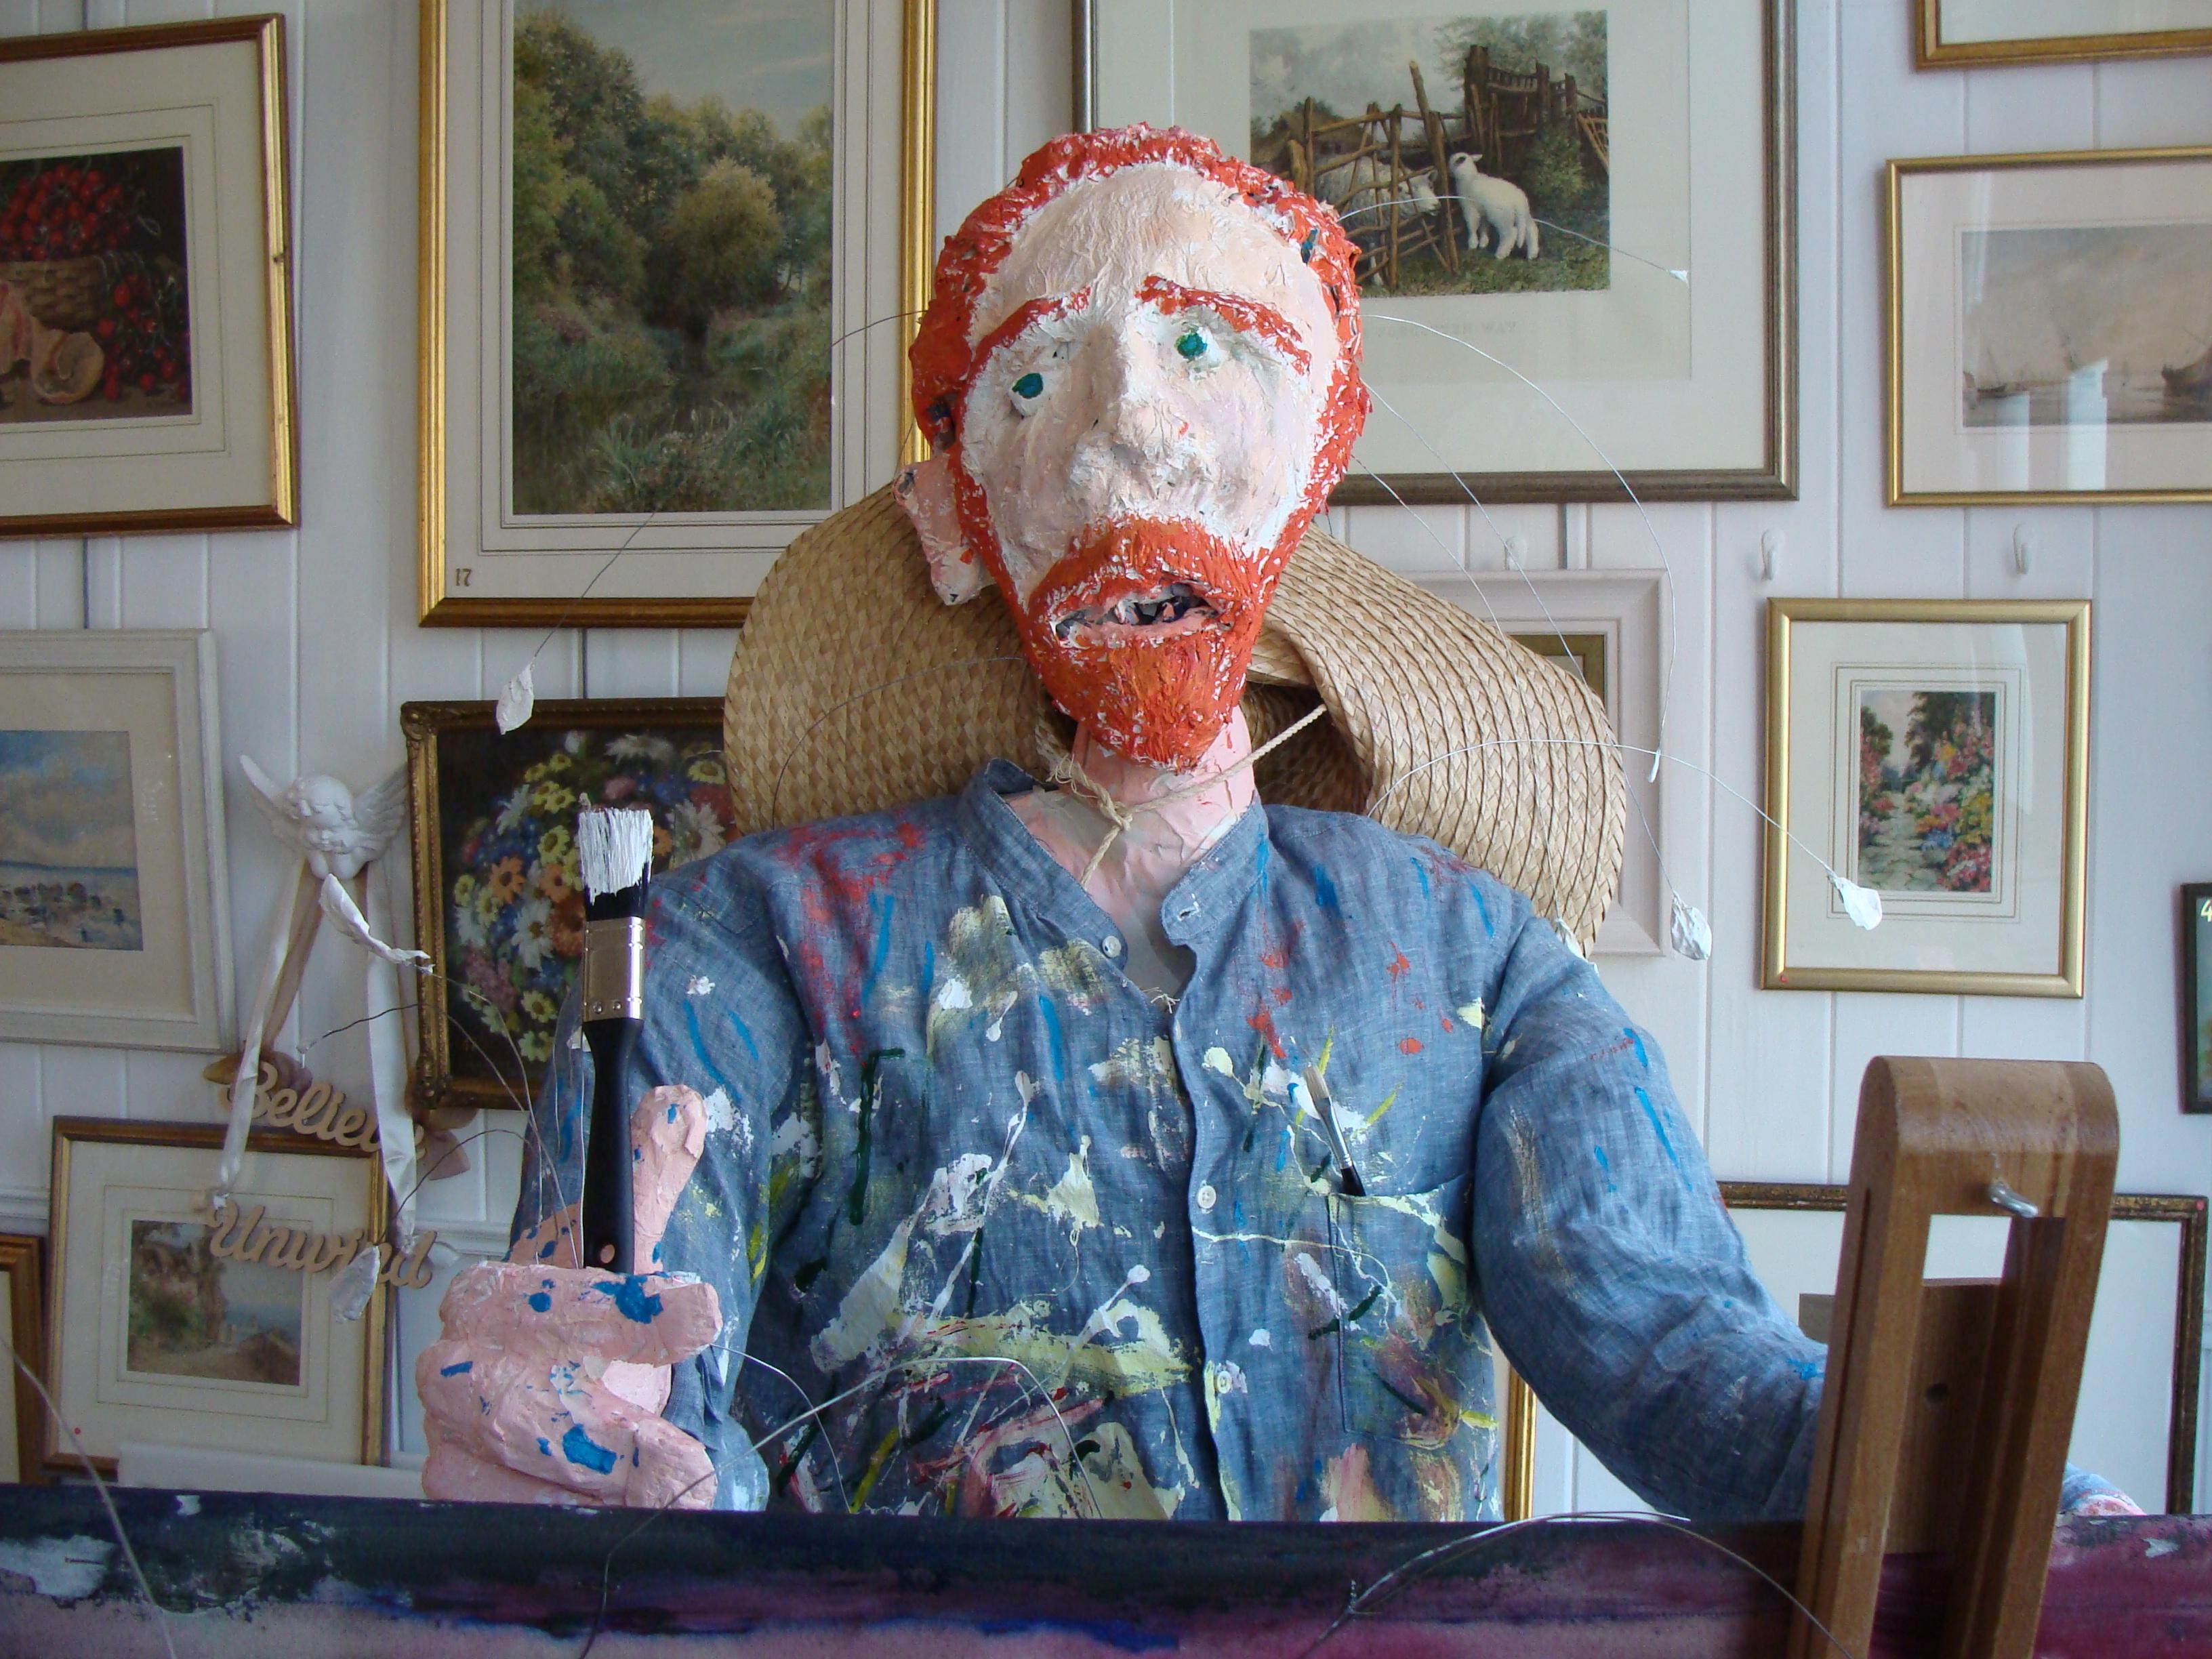 Vincent Van Gogh visits